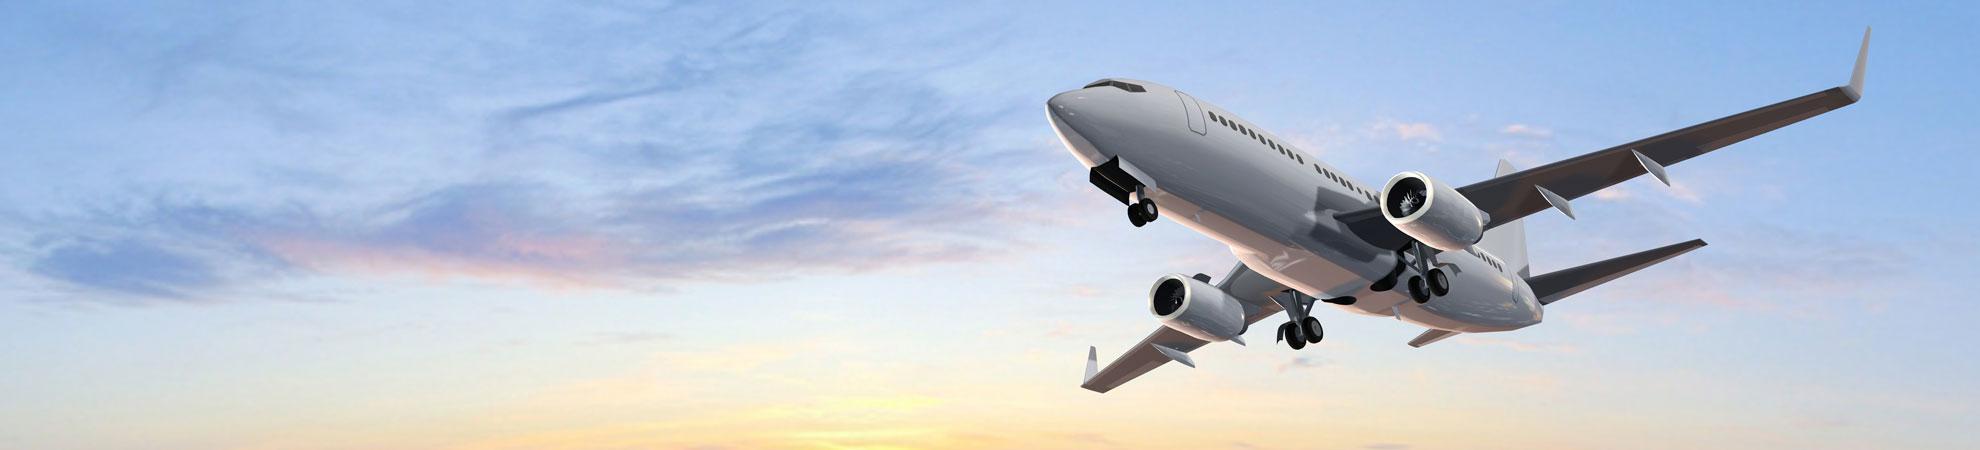 Conseils pratiques pour améliorer son expérience à l'aéroport en Polynésie